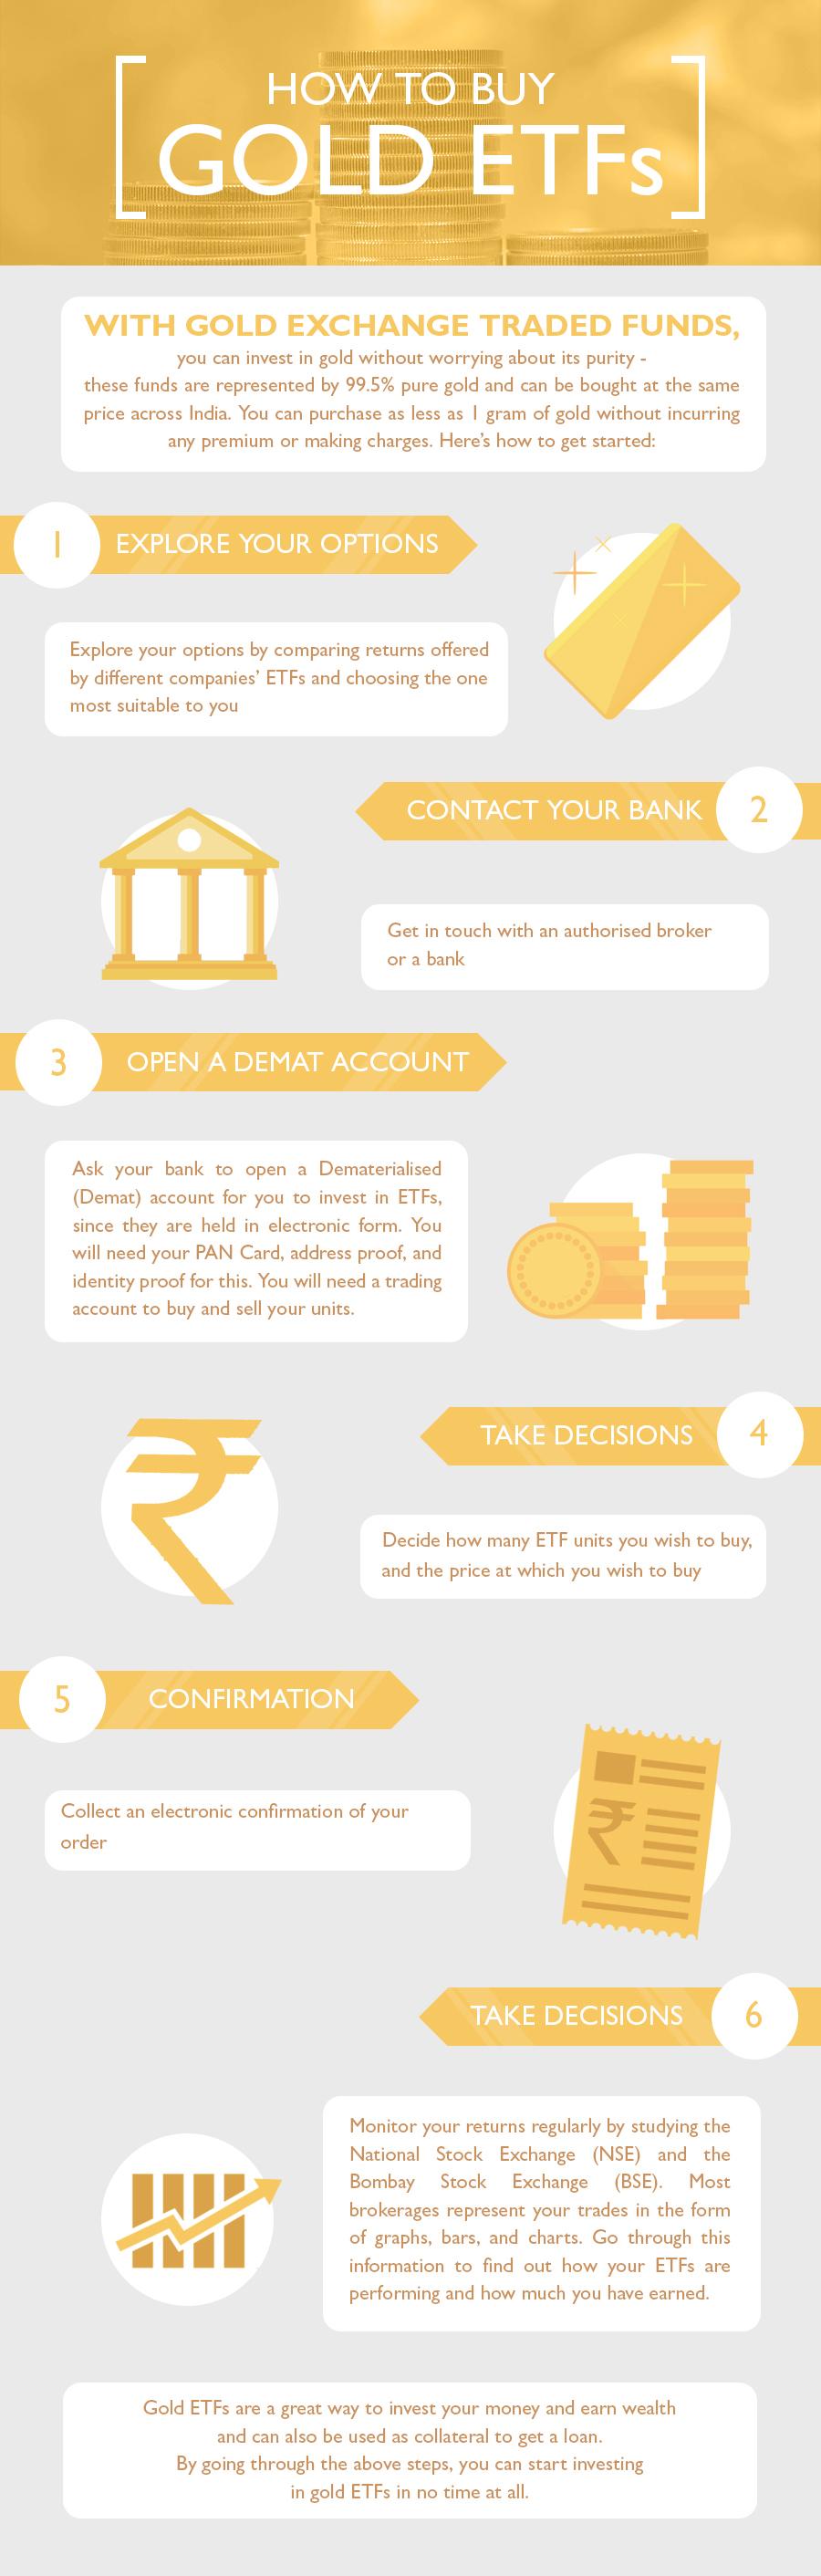 How to buy gold ETFs